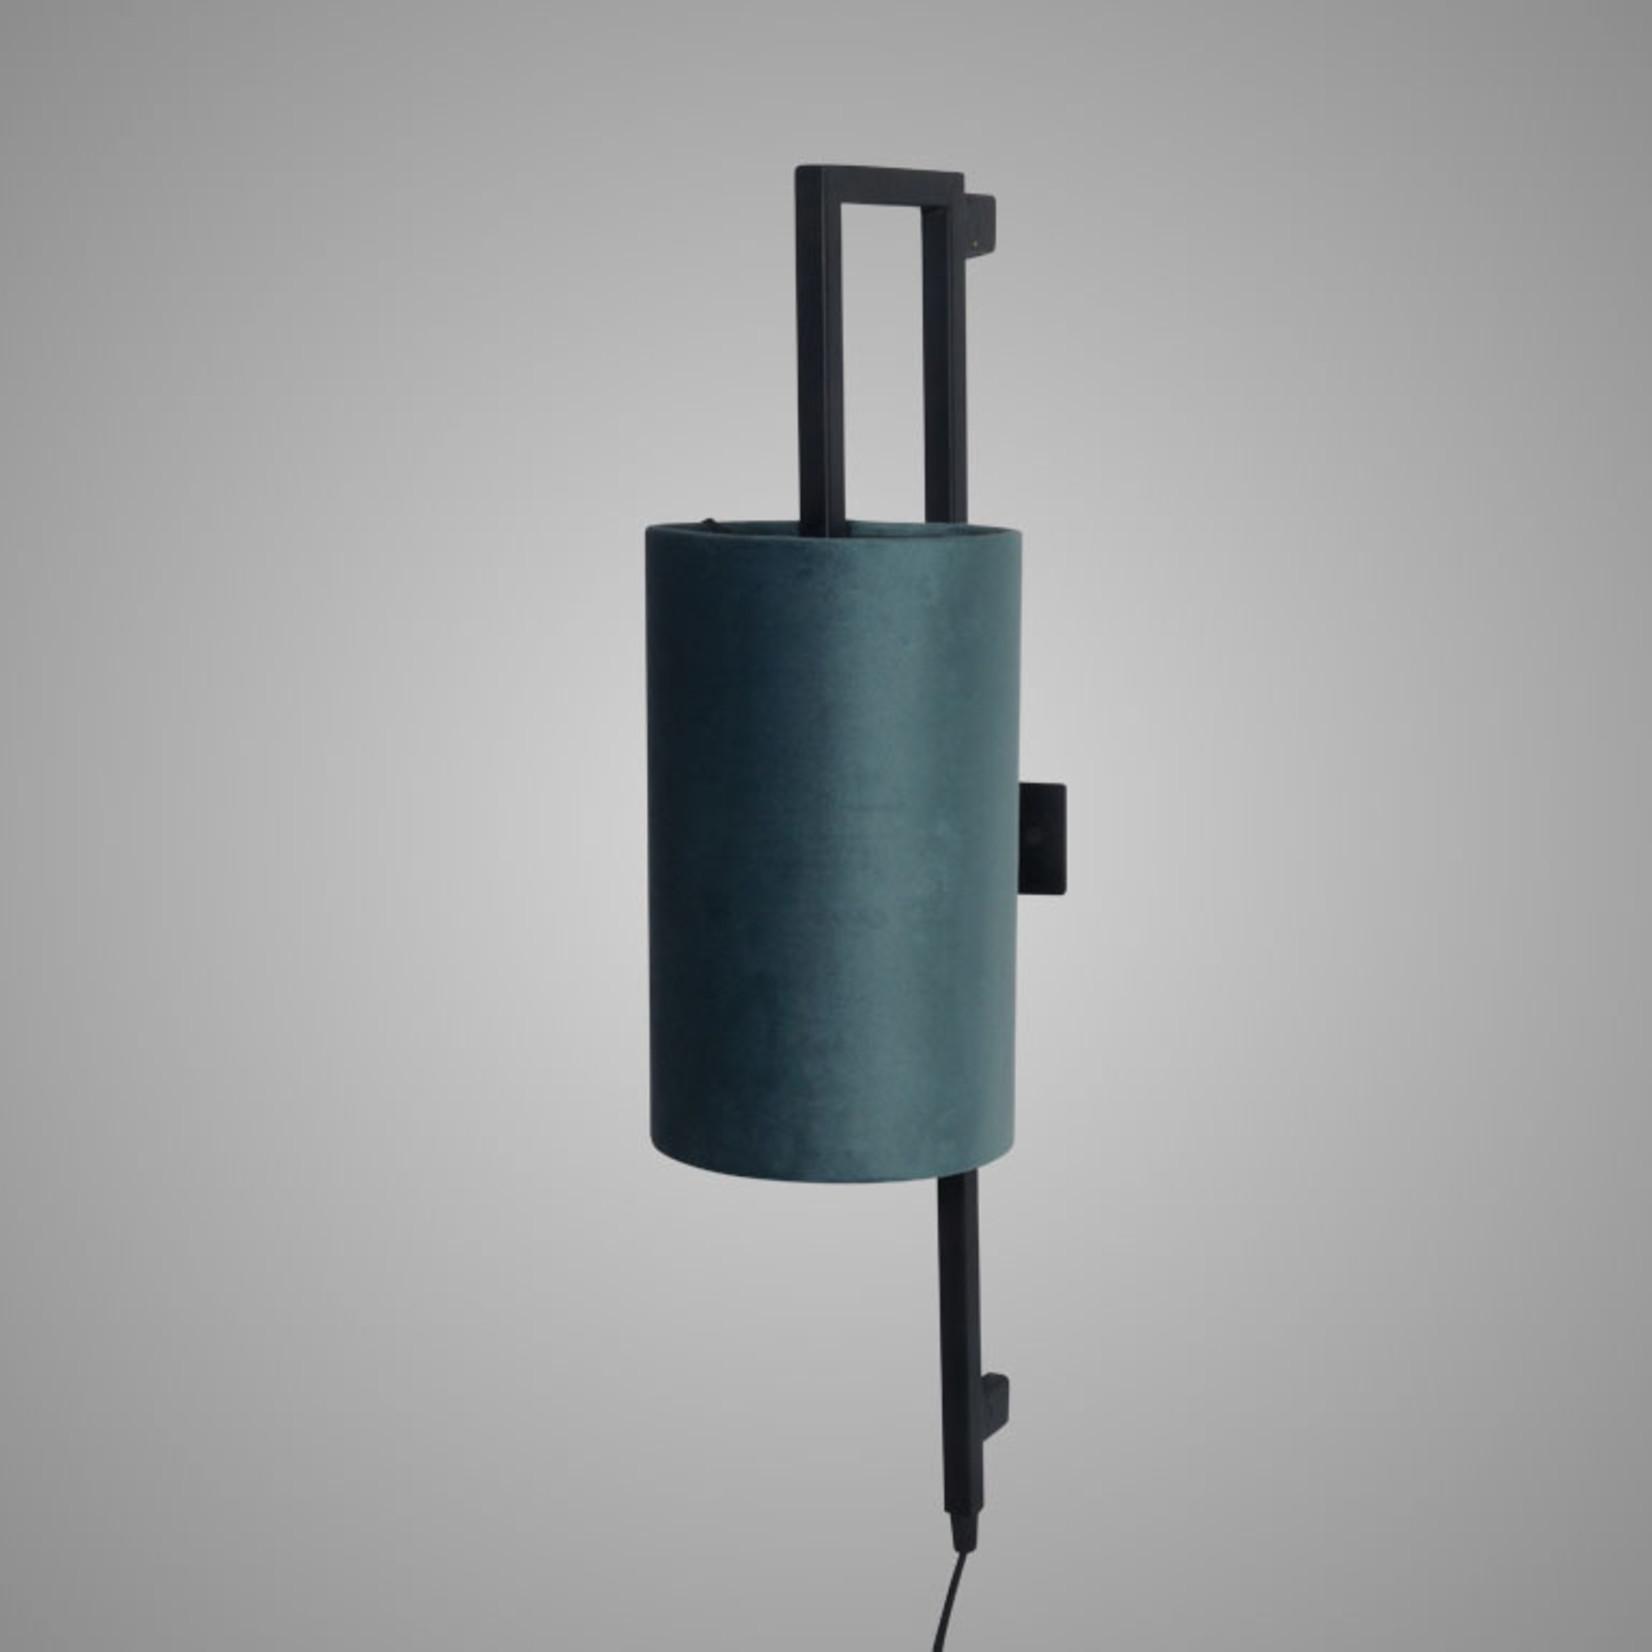 Brynxz Brynxz Lamp Wall Minimalistic Black